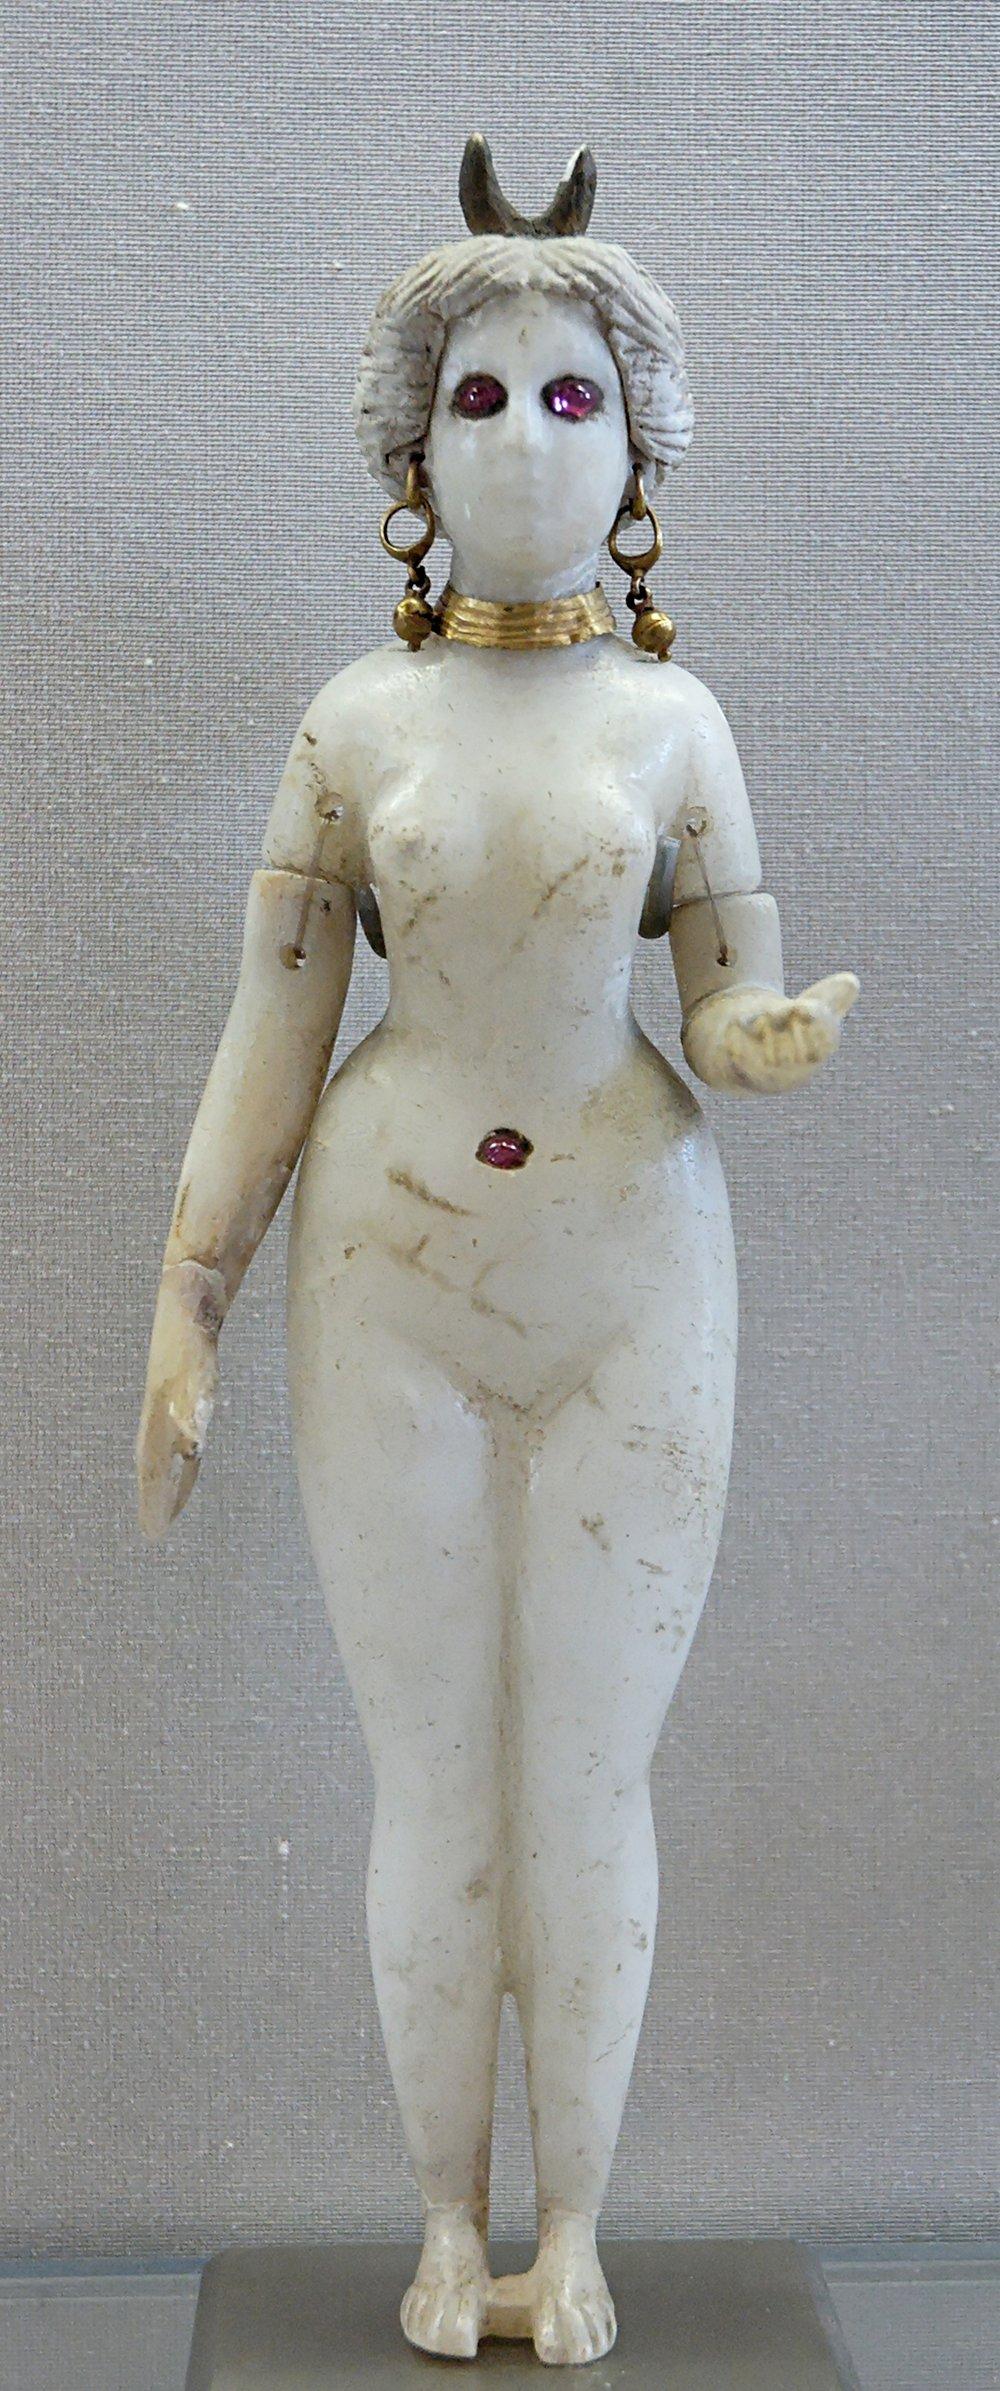 Statuette_Goddess_Louvre_AO20127.jpg